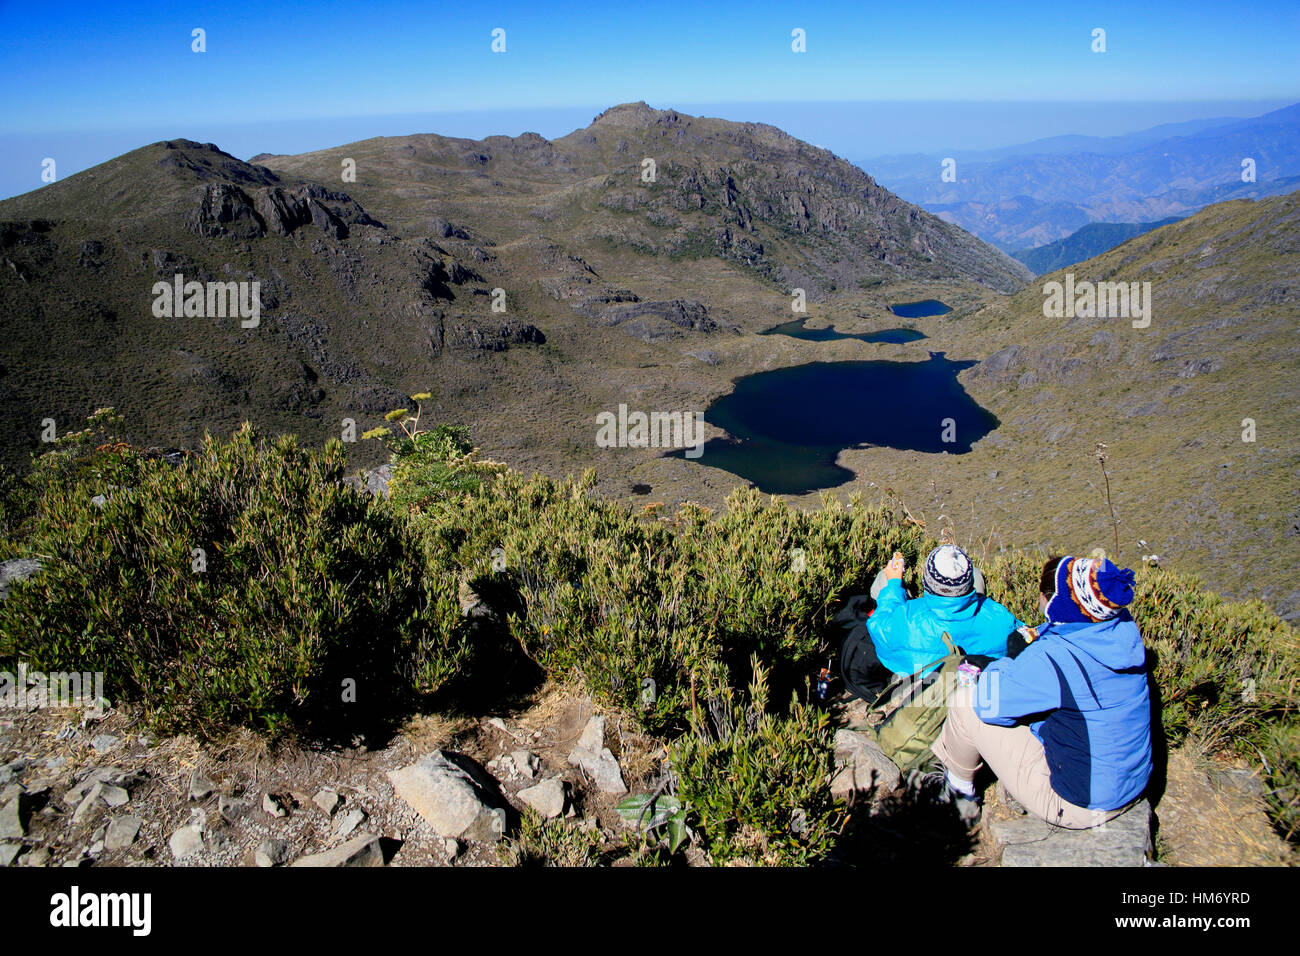 Turistas mirando el Lago Chirripó desde la cumbre del Monte Chirripó, la montaña más alta de Imagen De Stock